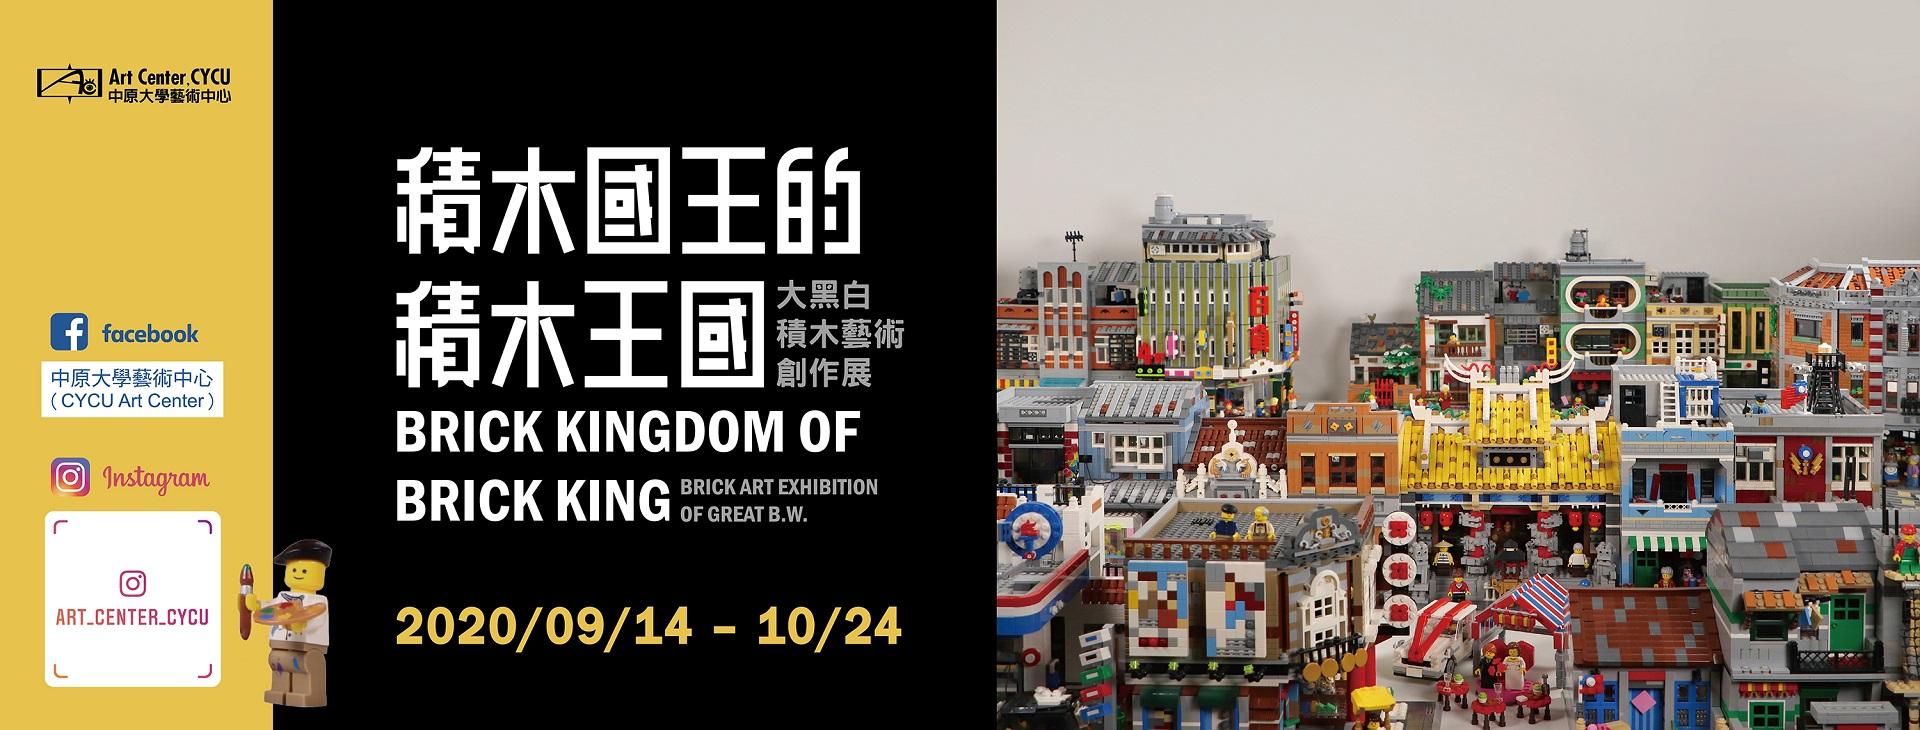 積木國王的積木王國─大黑白積木藝術創作展